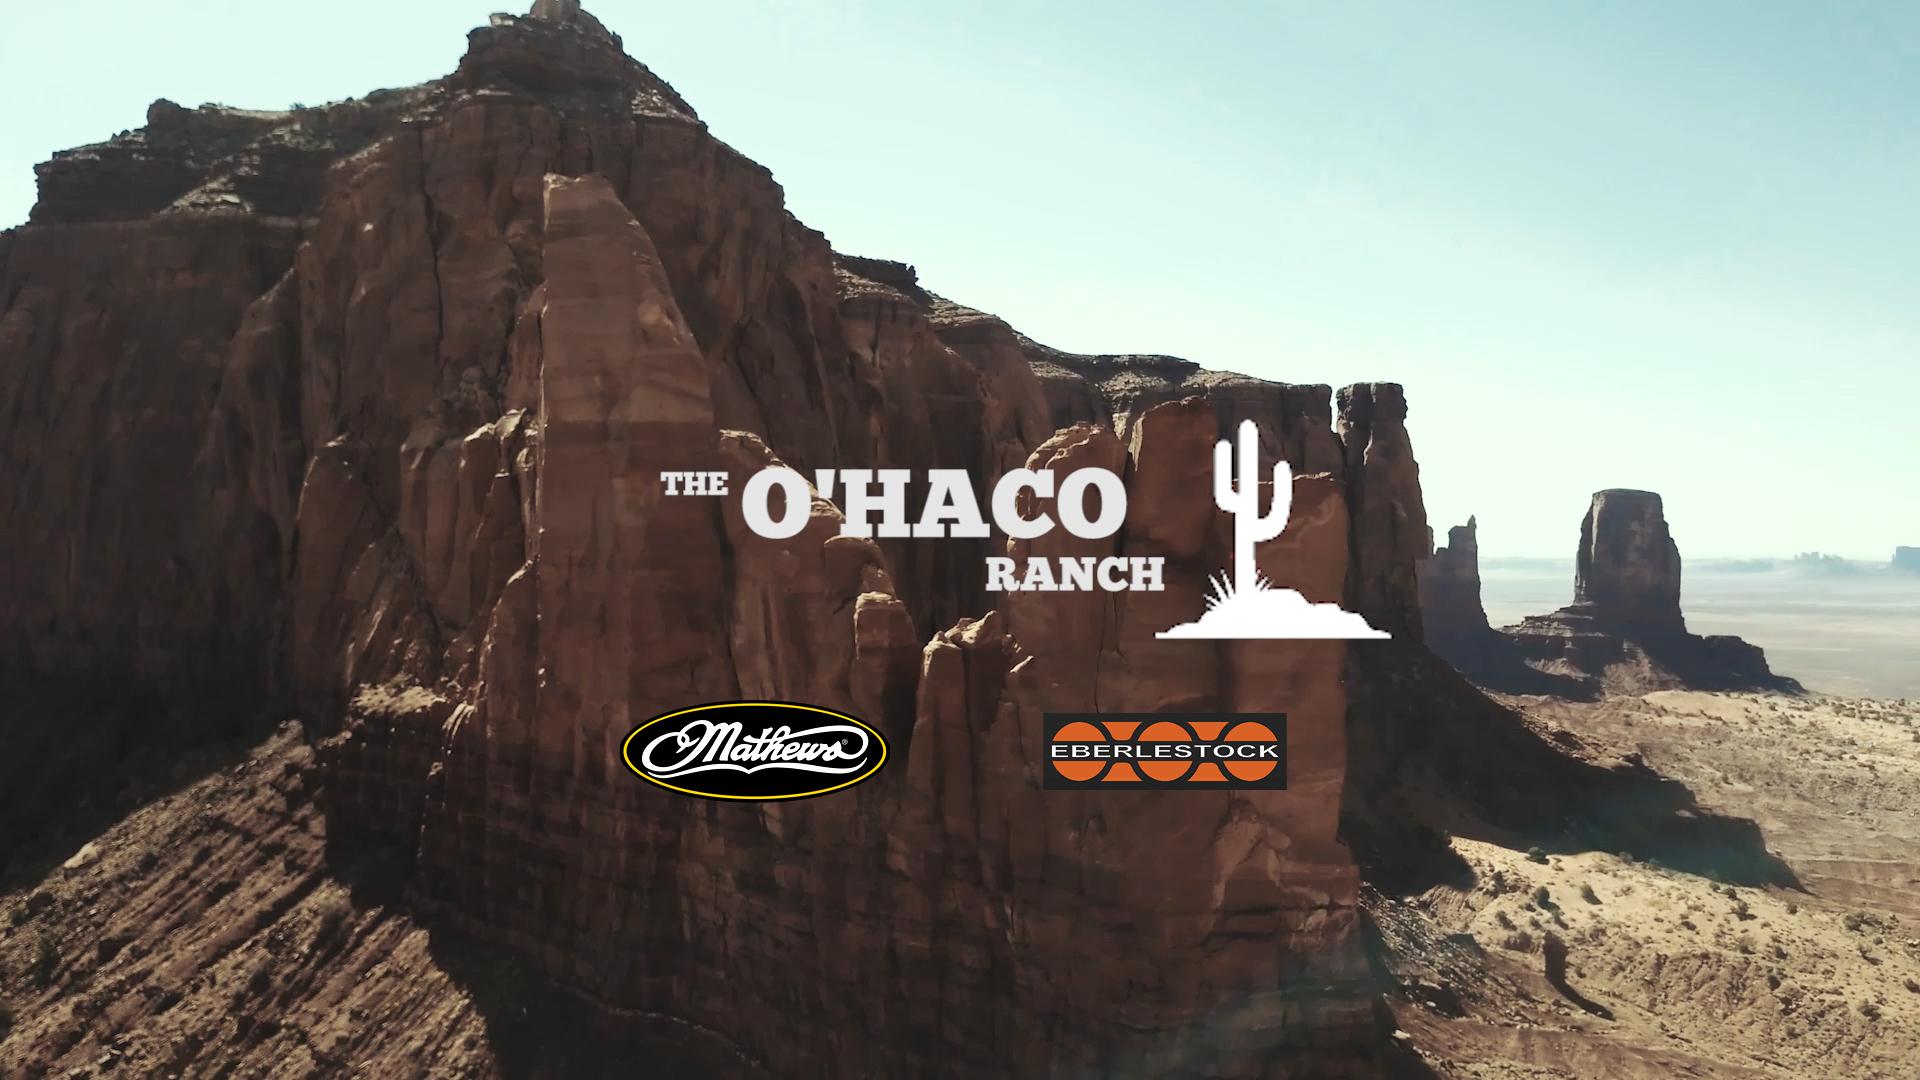 The O'Haco Ranch